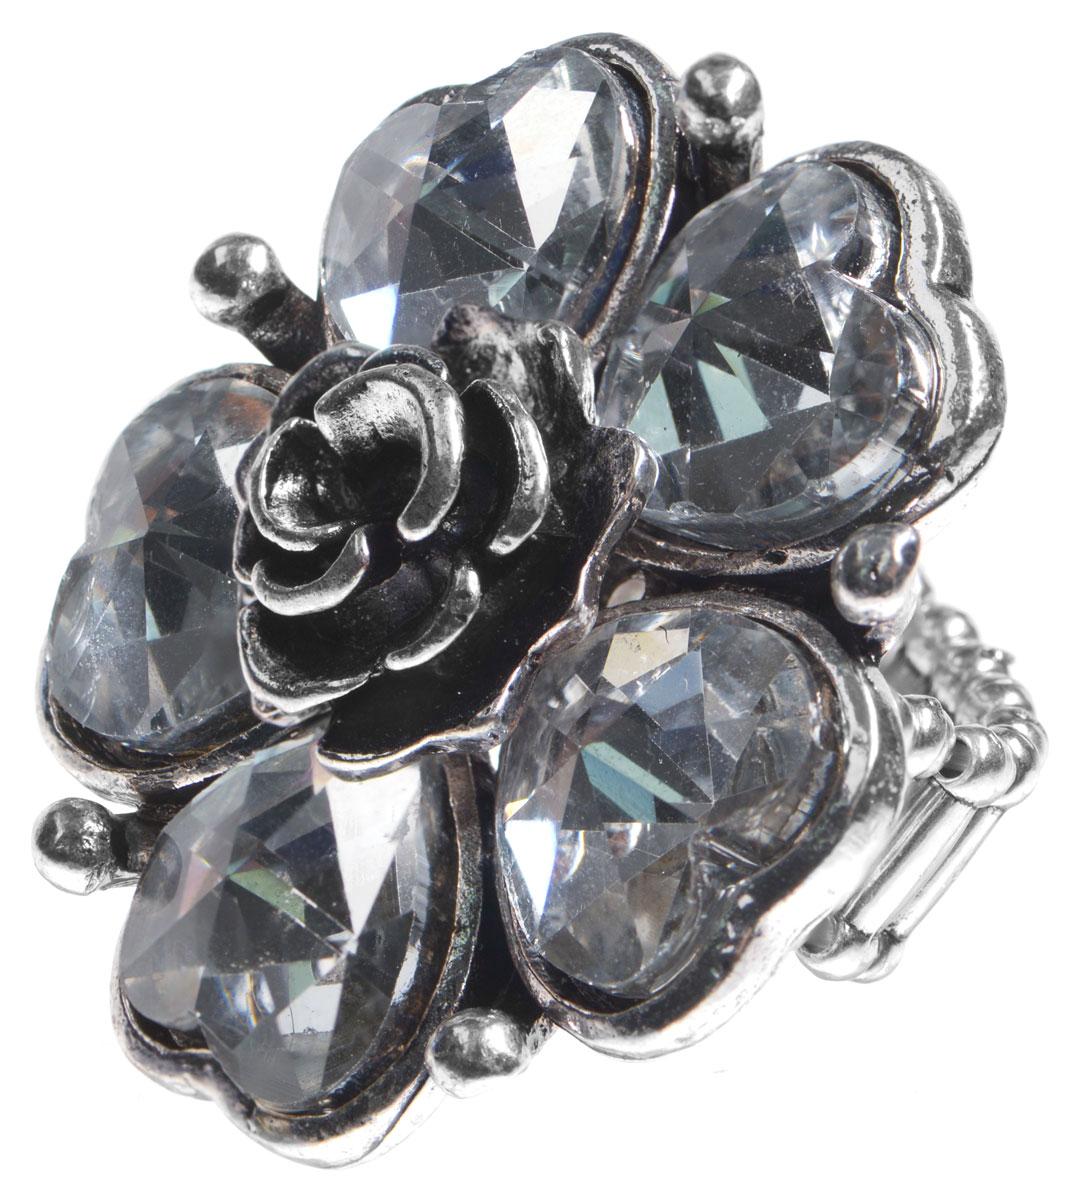 Кольцо Taya, цвет: серебристый. T-B-9263T-B-9263-RING-SILVERОригинальное кольцо Taya выполнено из бижутерийного сплава, дополнено декоративным элементом в виде цветка с лепестками-сердечками и сердцевиной в виде маленькой розочки. Лепестки цветка оформлены вставками из граненного стекла. В основании изделия использована эластичная резинка, что делает размер кольца универсальным. Стильное кольцо придаст вашему образу изюминку, подчеркнет индивидуальность.